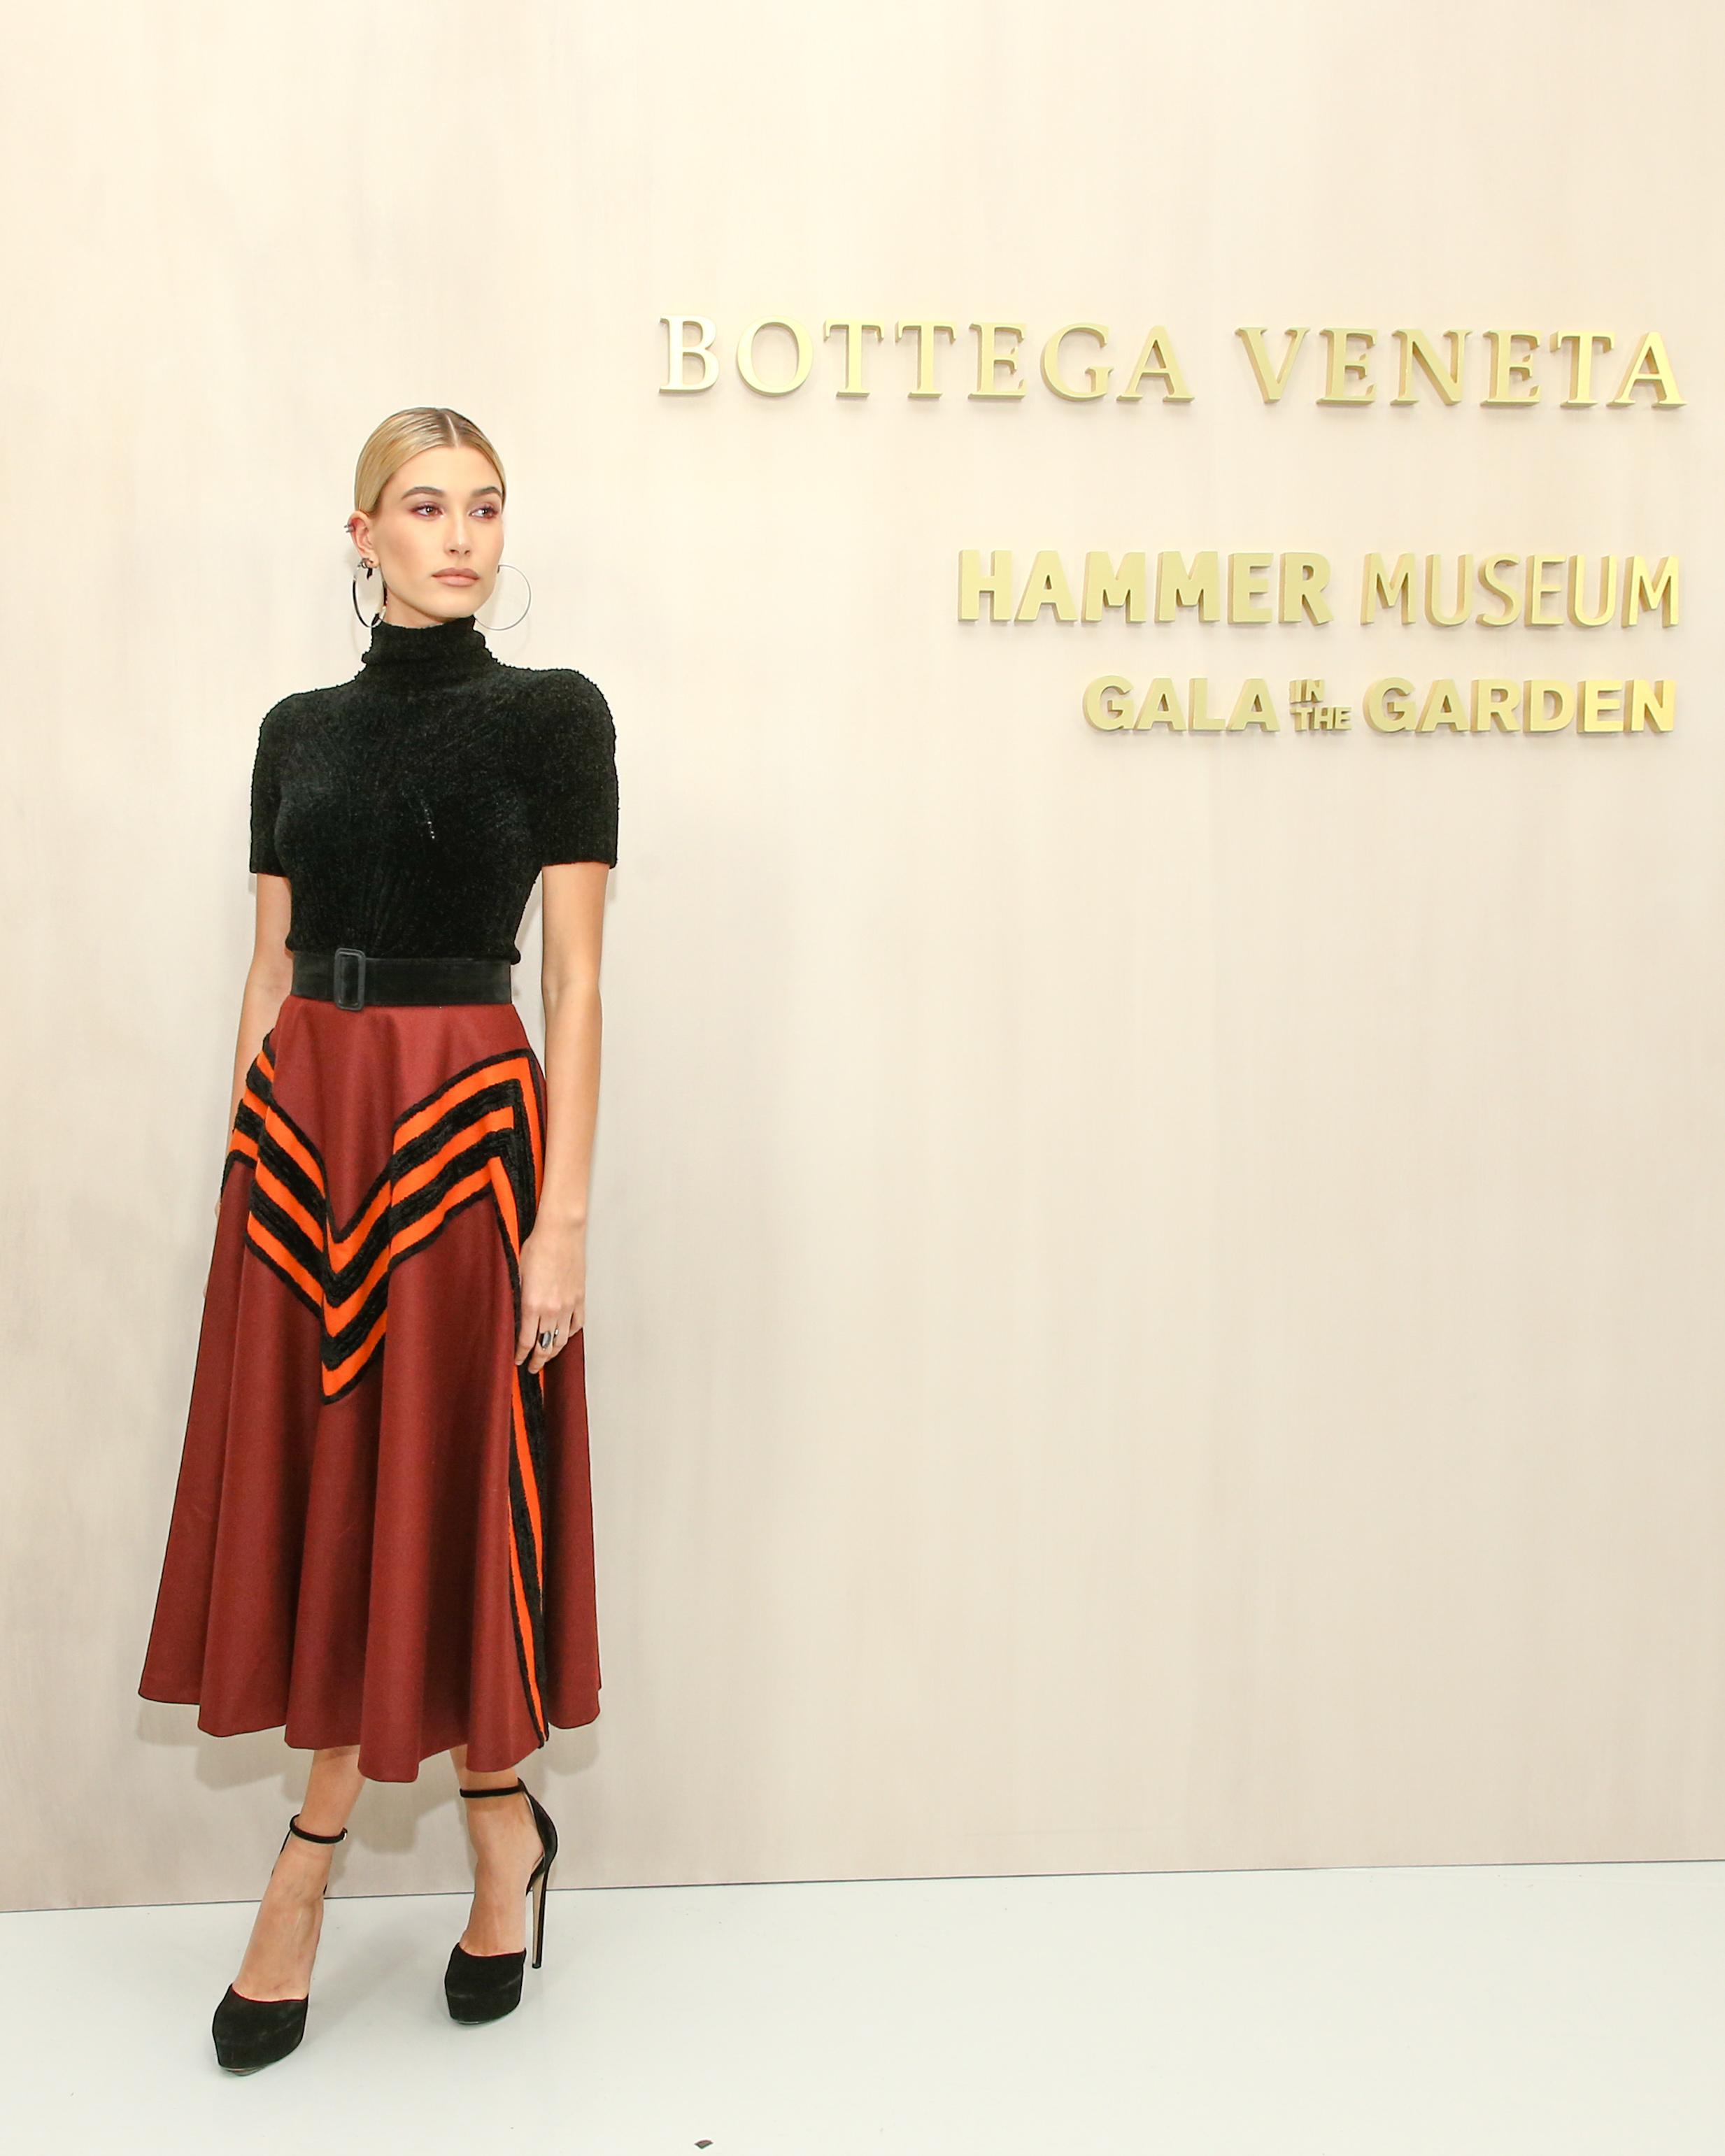 Người mẫu Hailey Baldwin với áo len cổ lọ Nero Viscose Chenille Rib, váy len Barolo với đường sọc Chenille.